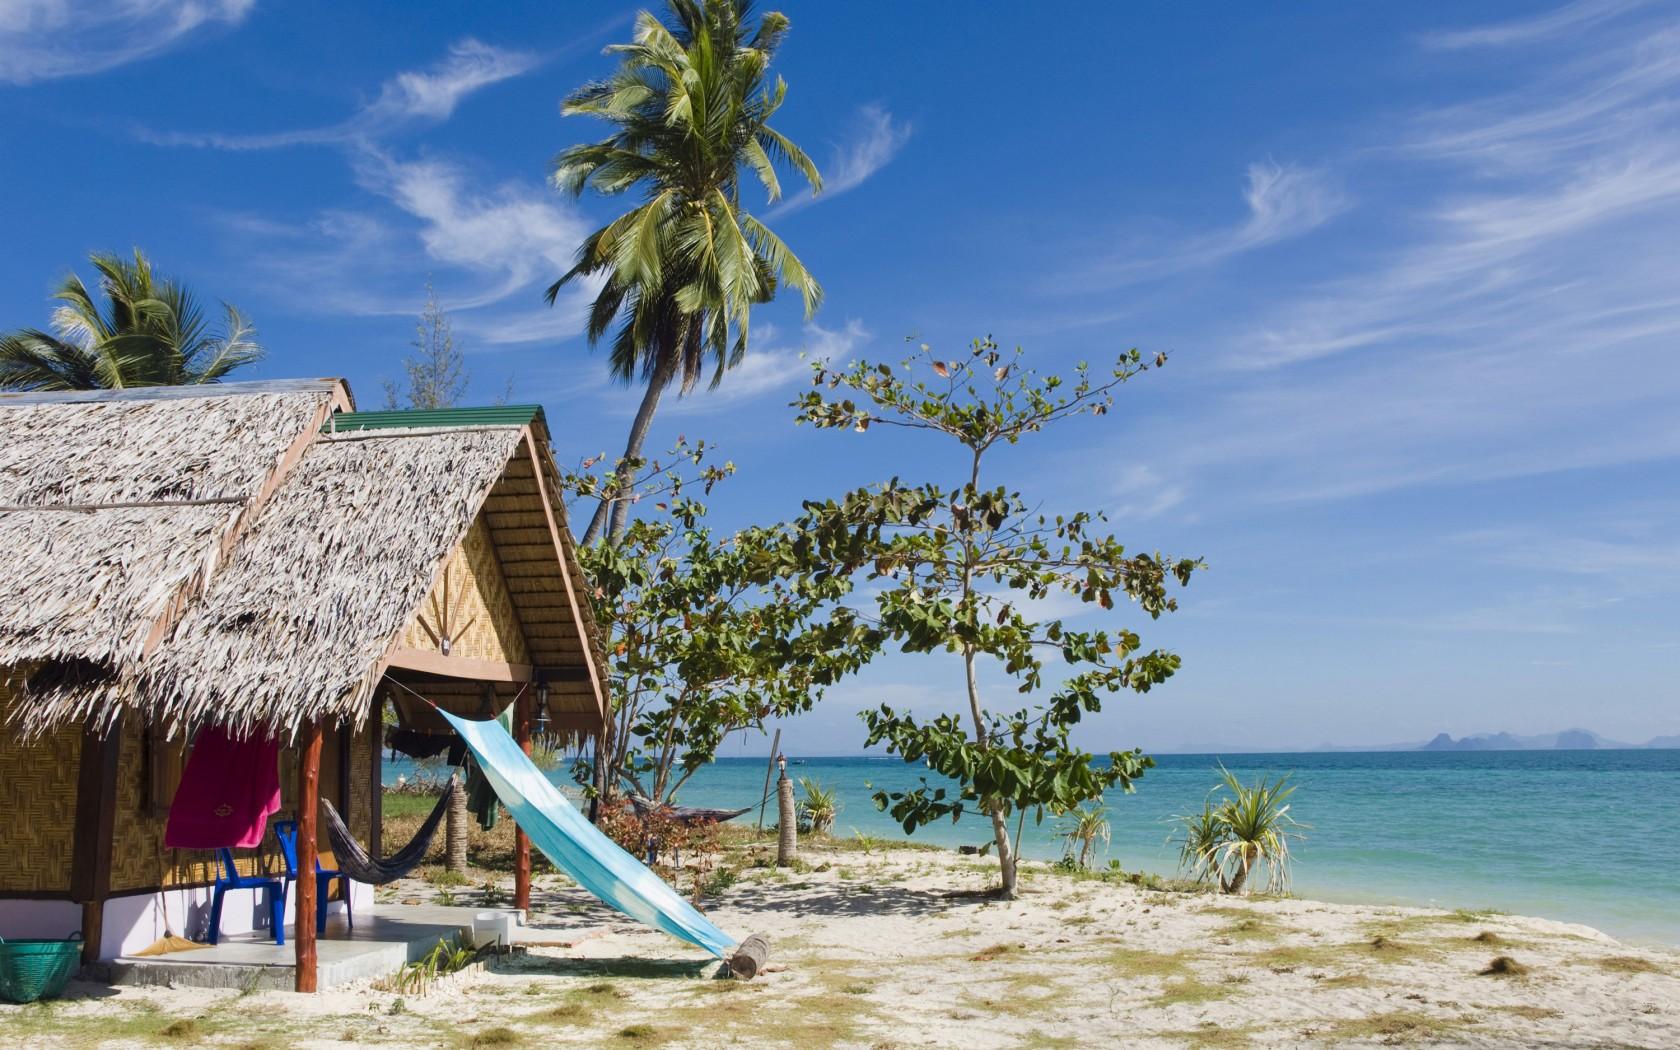 Việt Nam lọt top 20 điểm du lịch rẻ và hấp dẫn nhất thế giới - 1